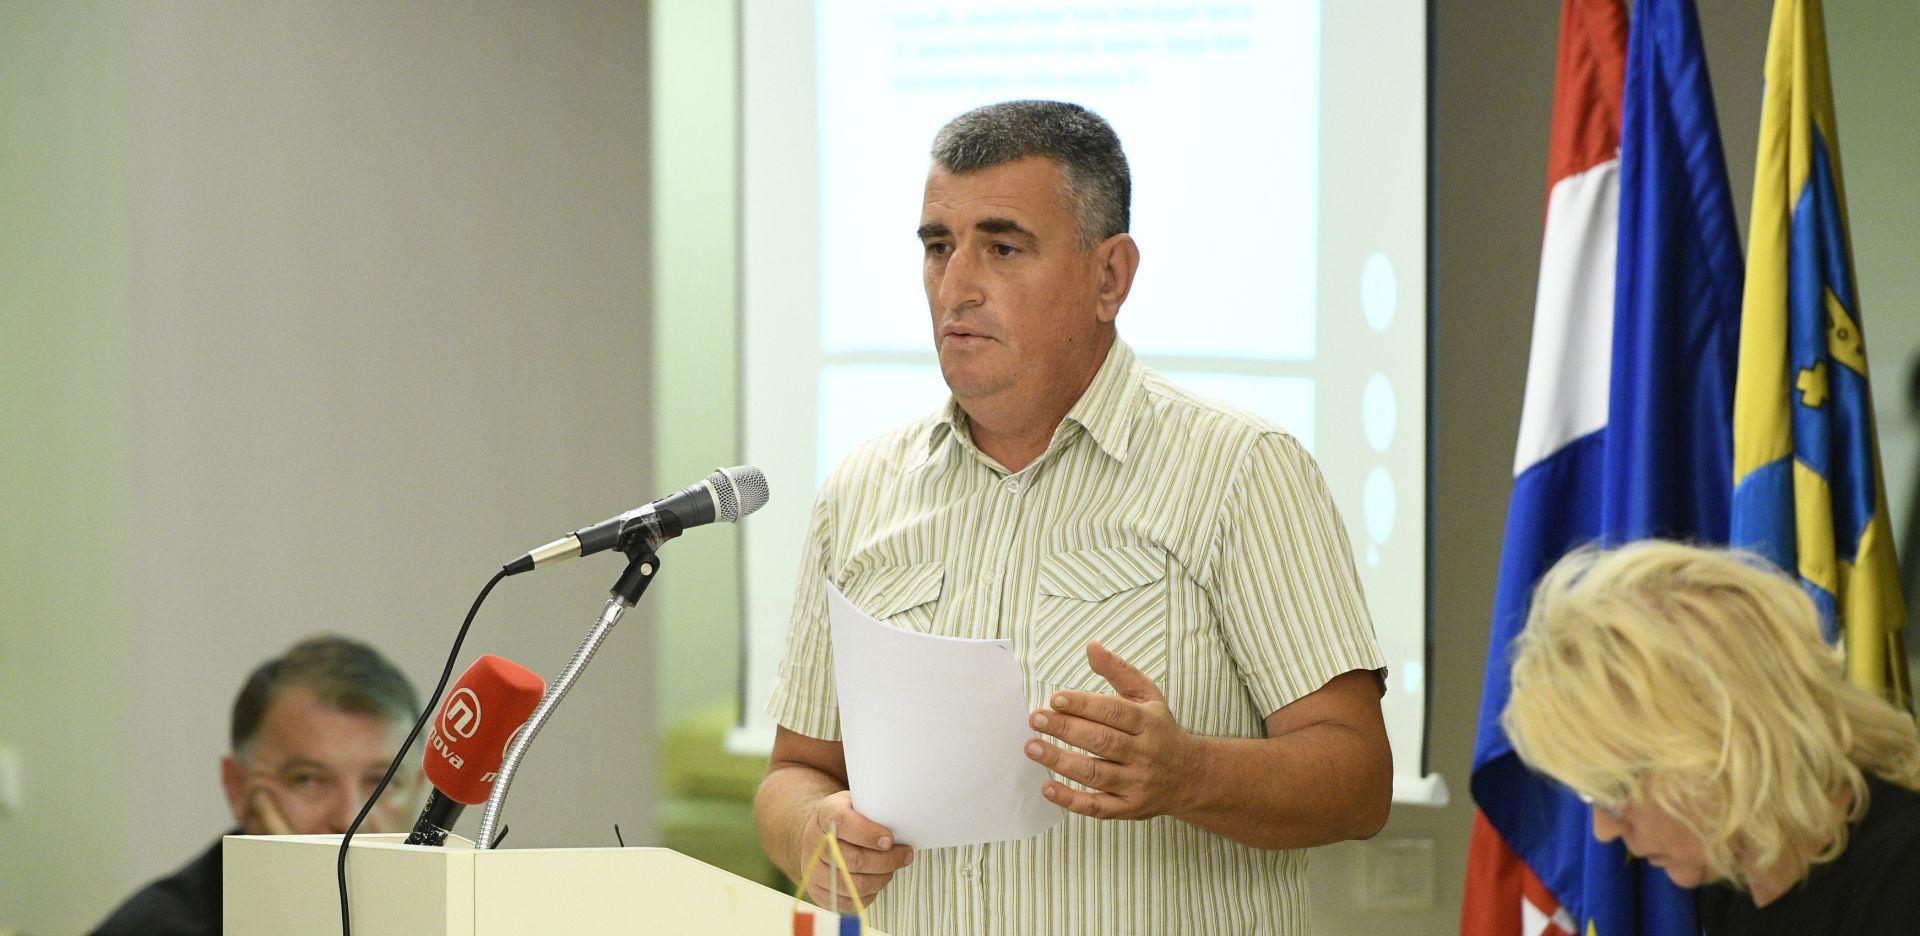 """BULJ """"Neka 'Šarafciger koalicija' skine spomenik četničkom zločincu iz Borova sela"""""""